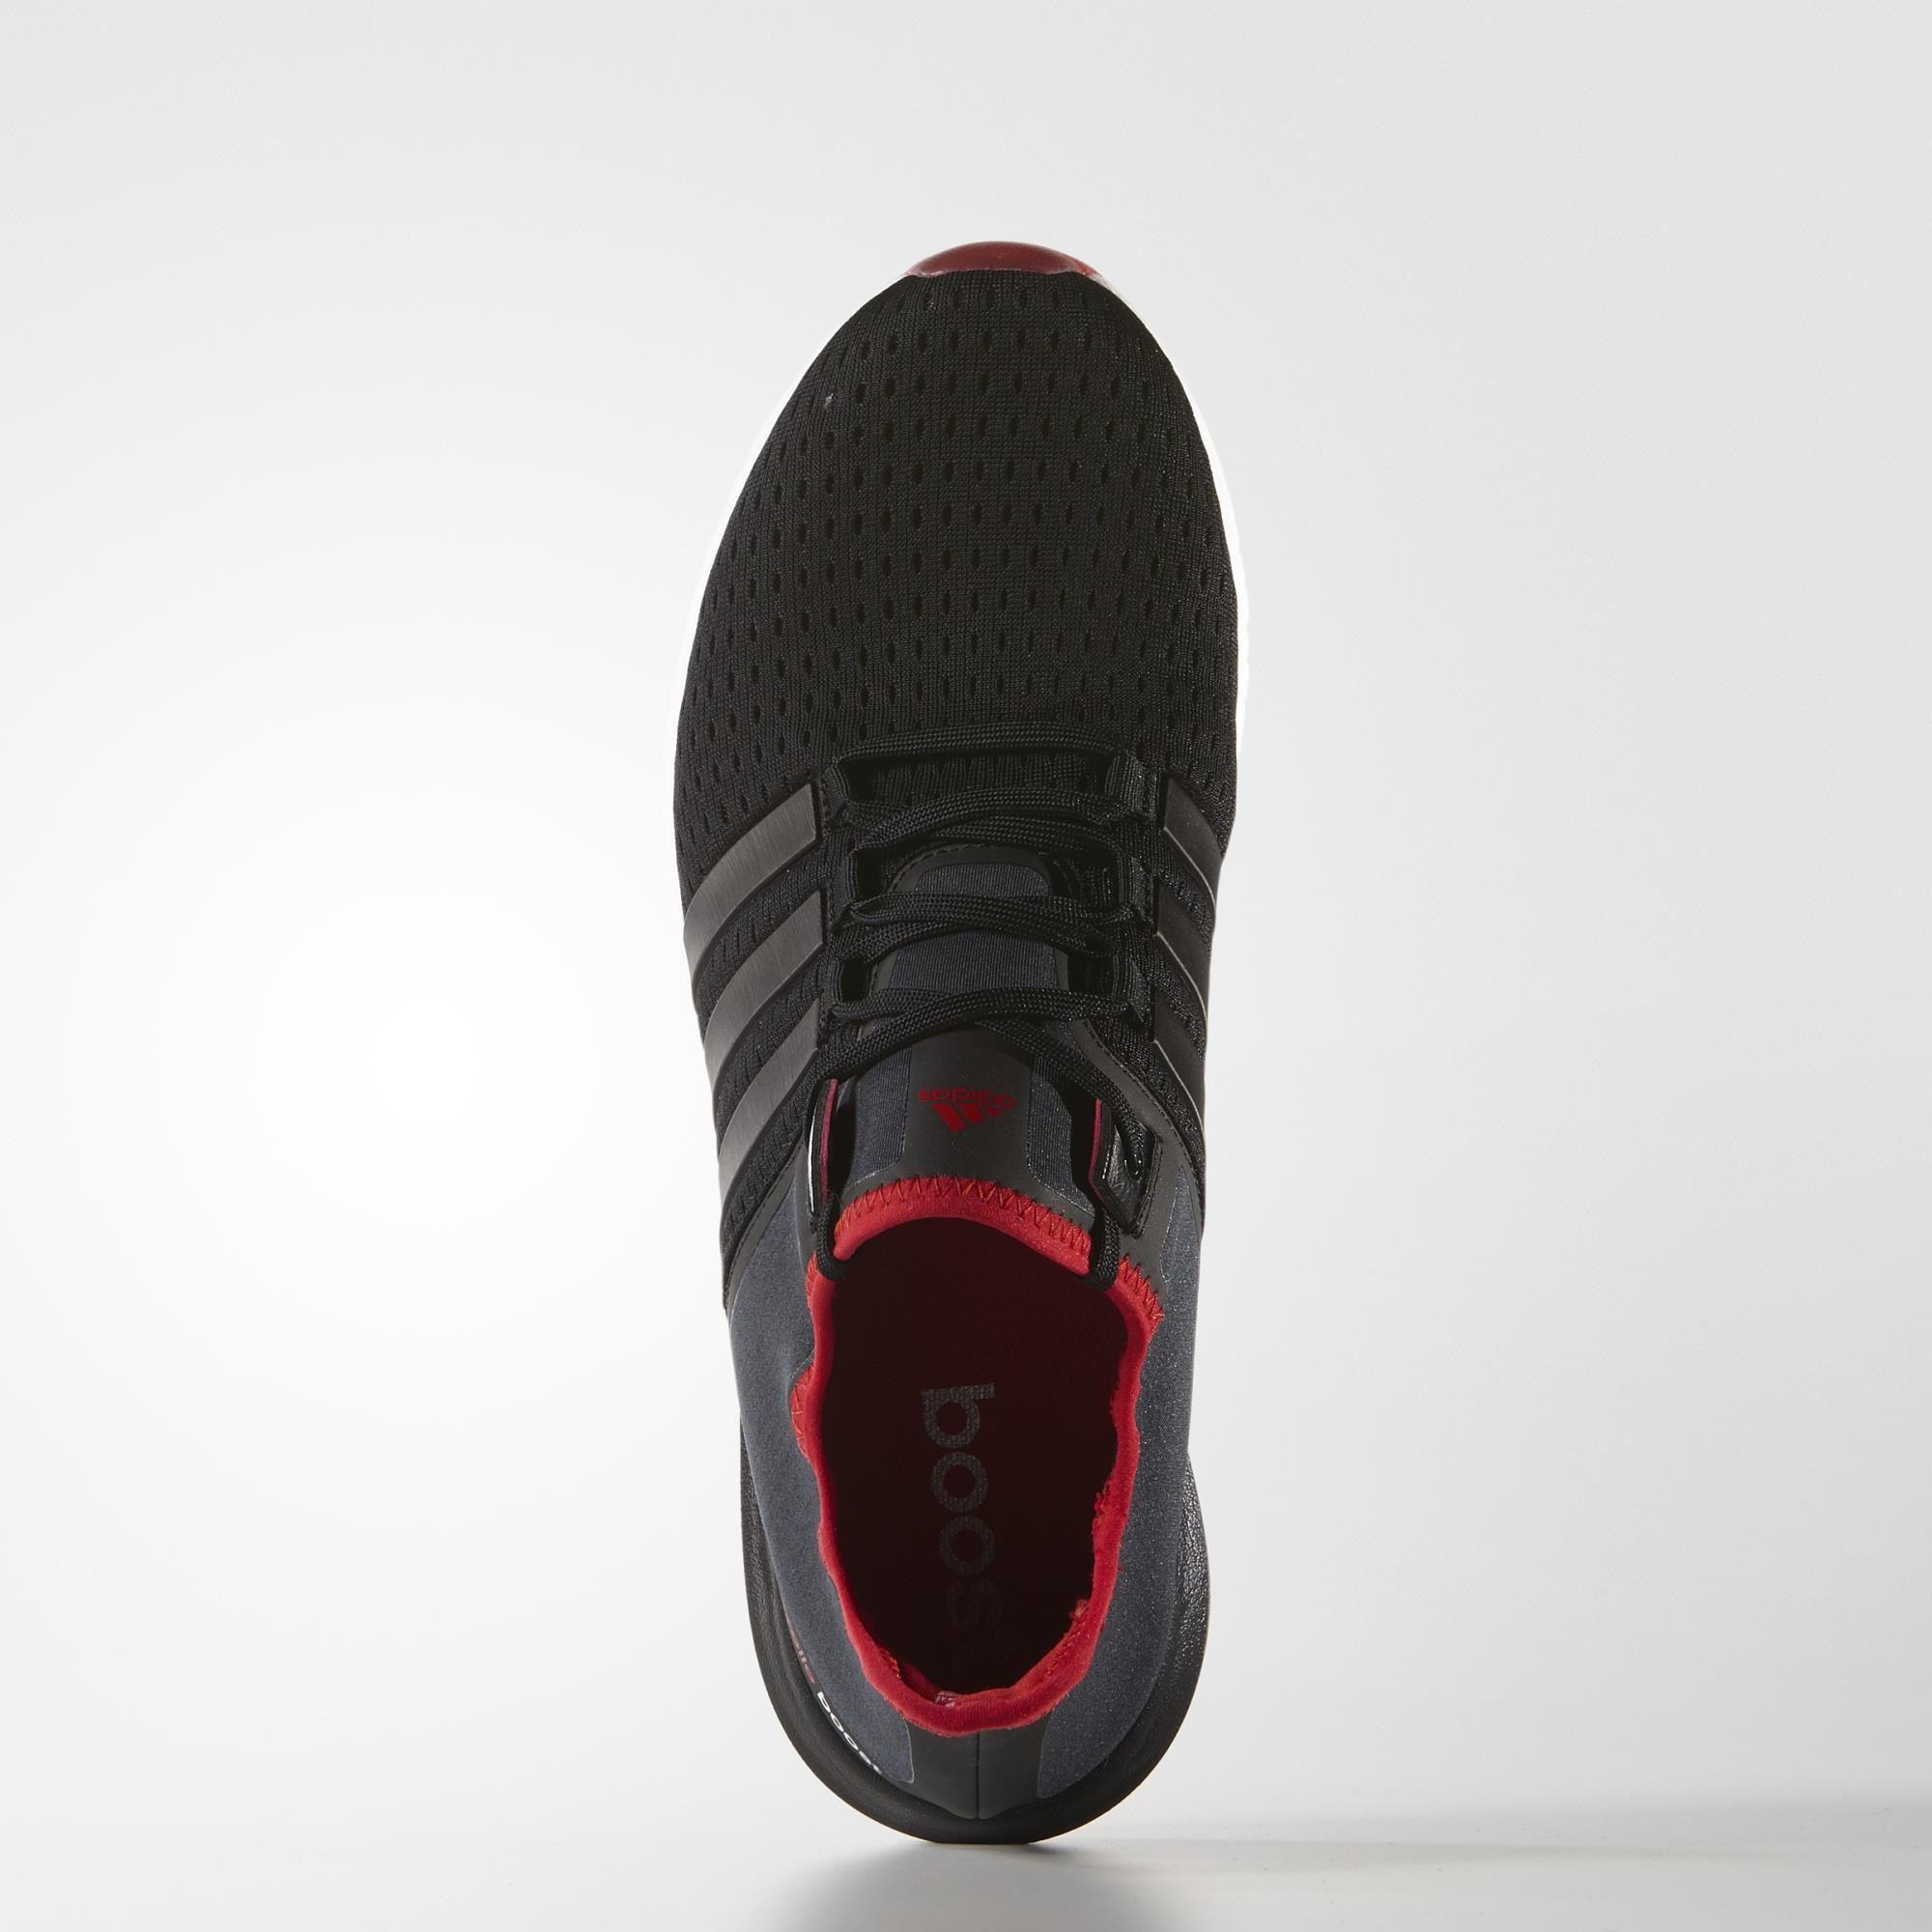 Adidas Men's Gazelle Shoes